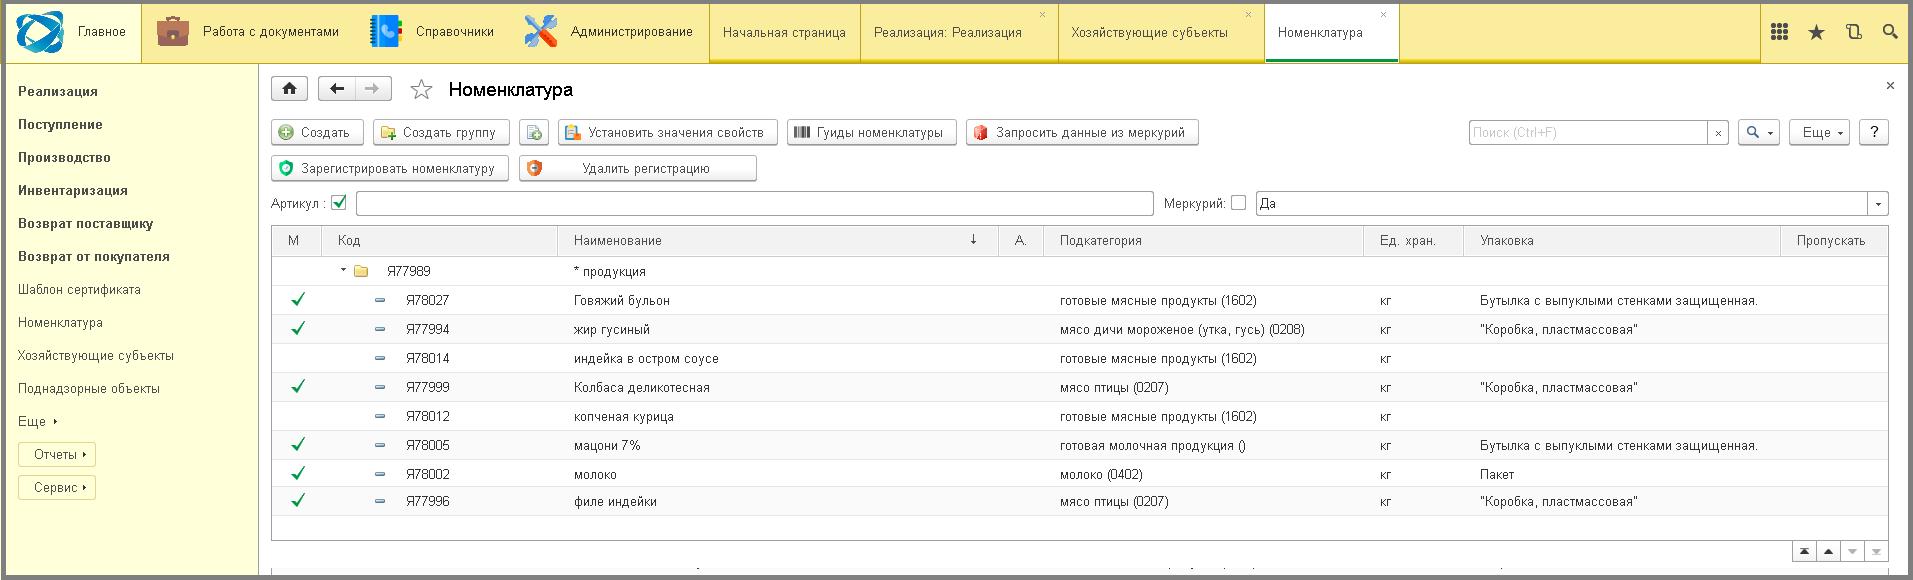 3. Пример раздела 'Номенклатура'' (для сопоставления номенклатуры и регистрации продукции производителями)